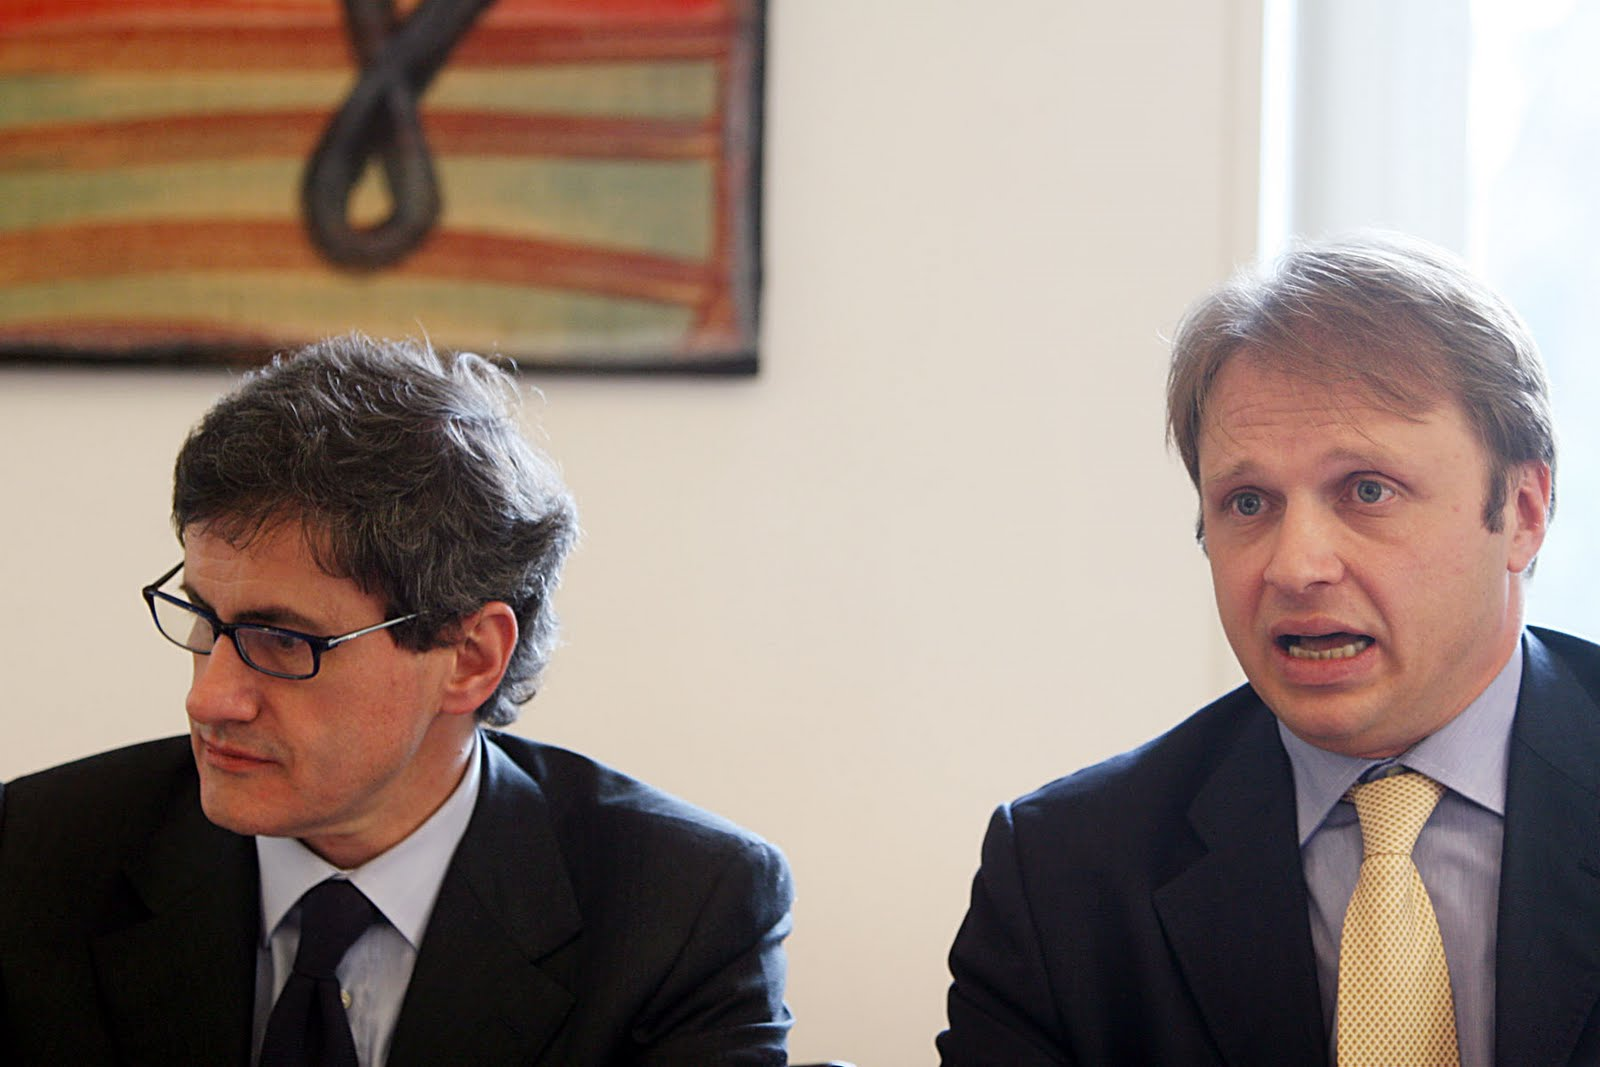 REGIONE - Francesco Lollobrigida nuovo assessore regionale ...